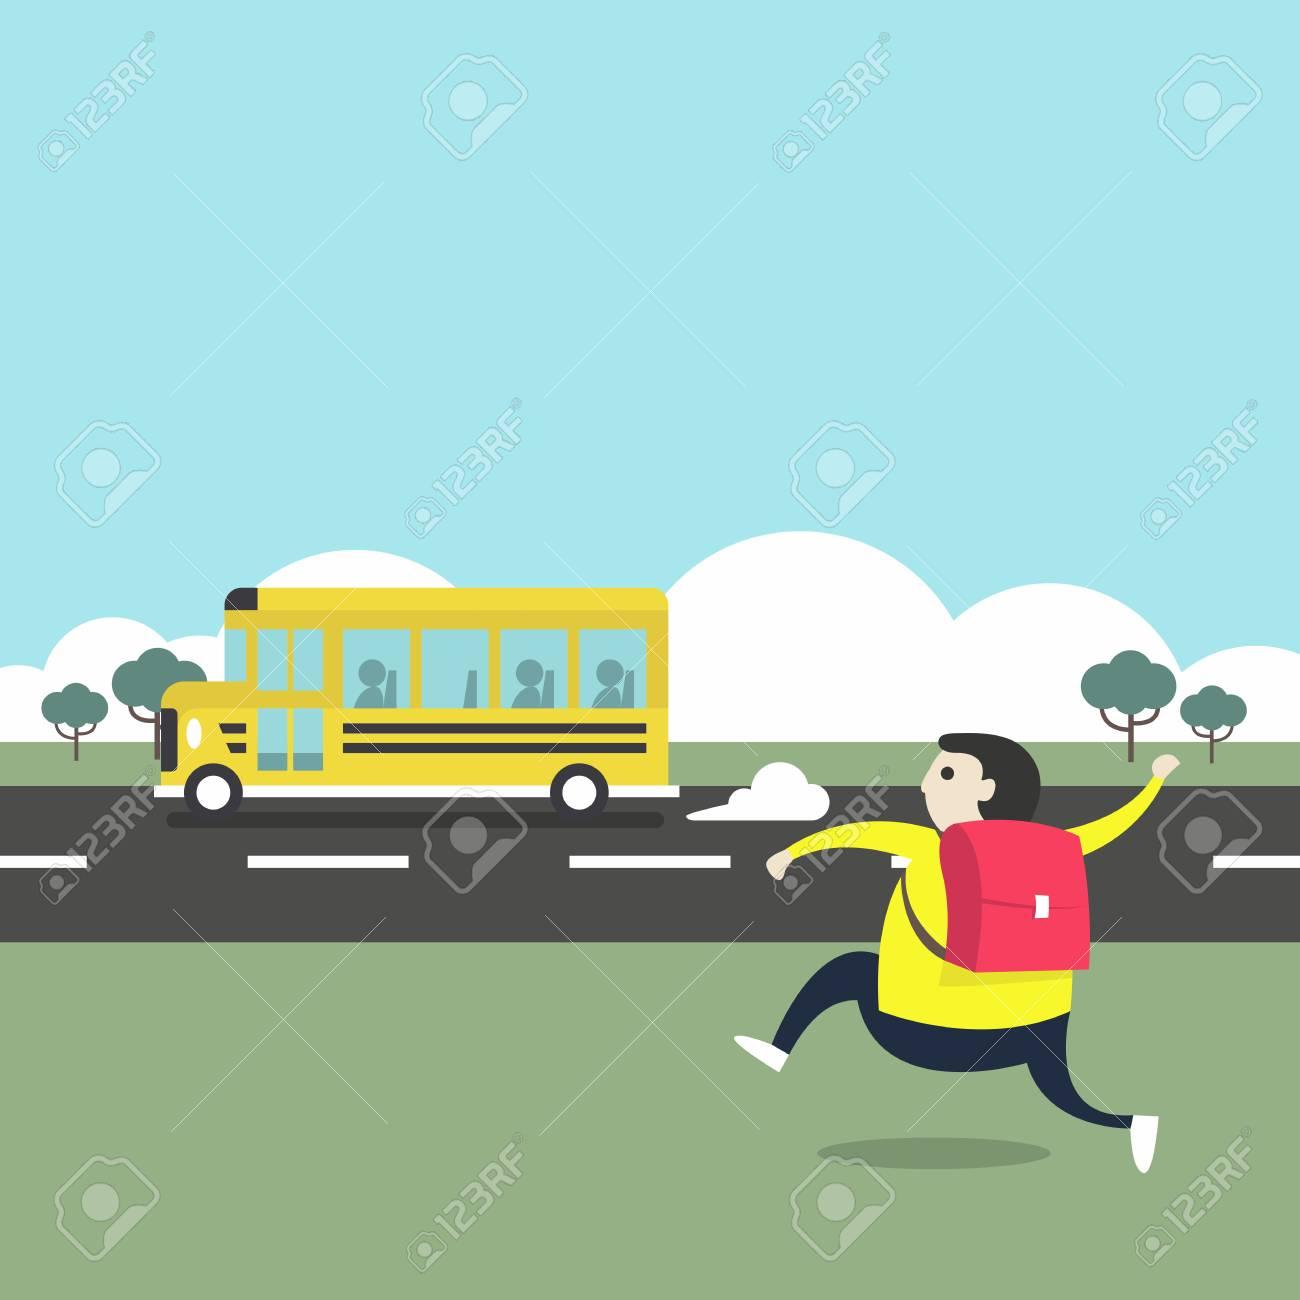 A boy running after a school bus. - 106273909